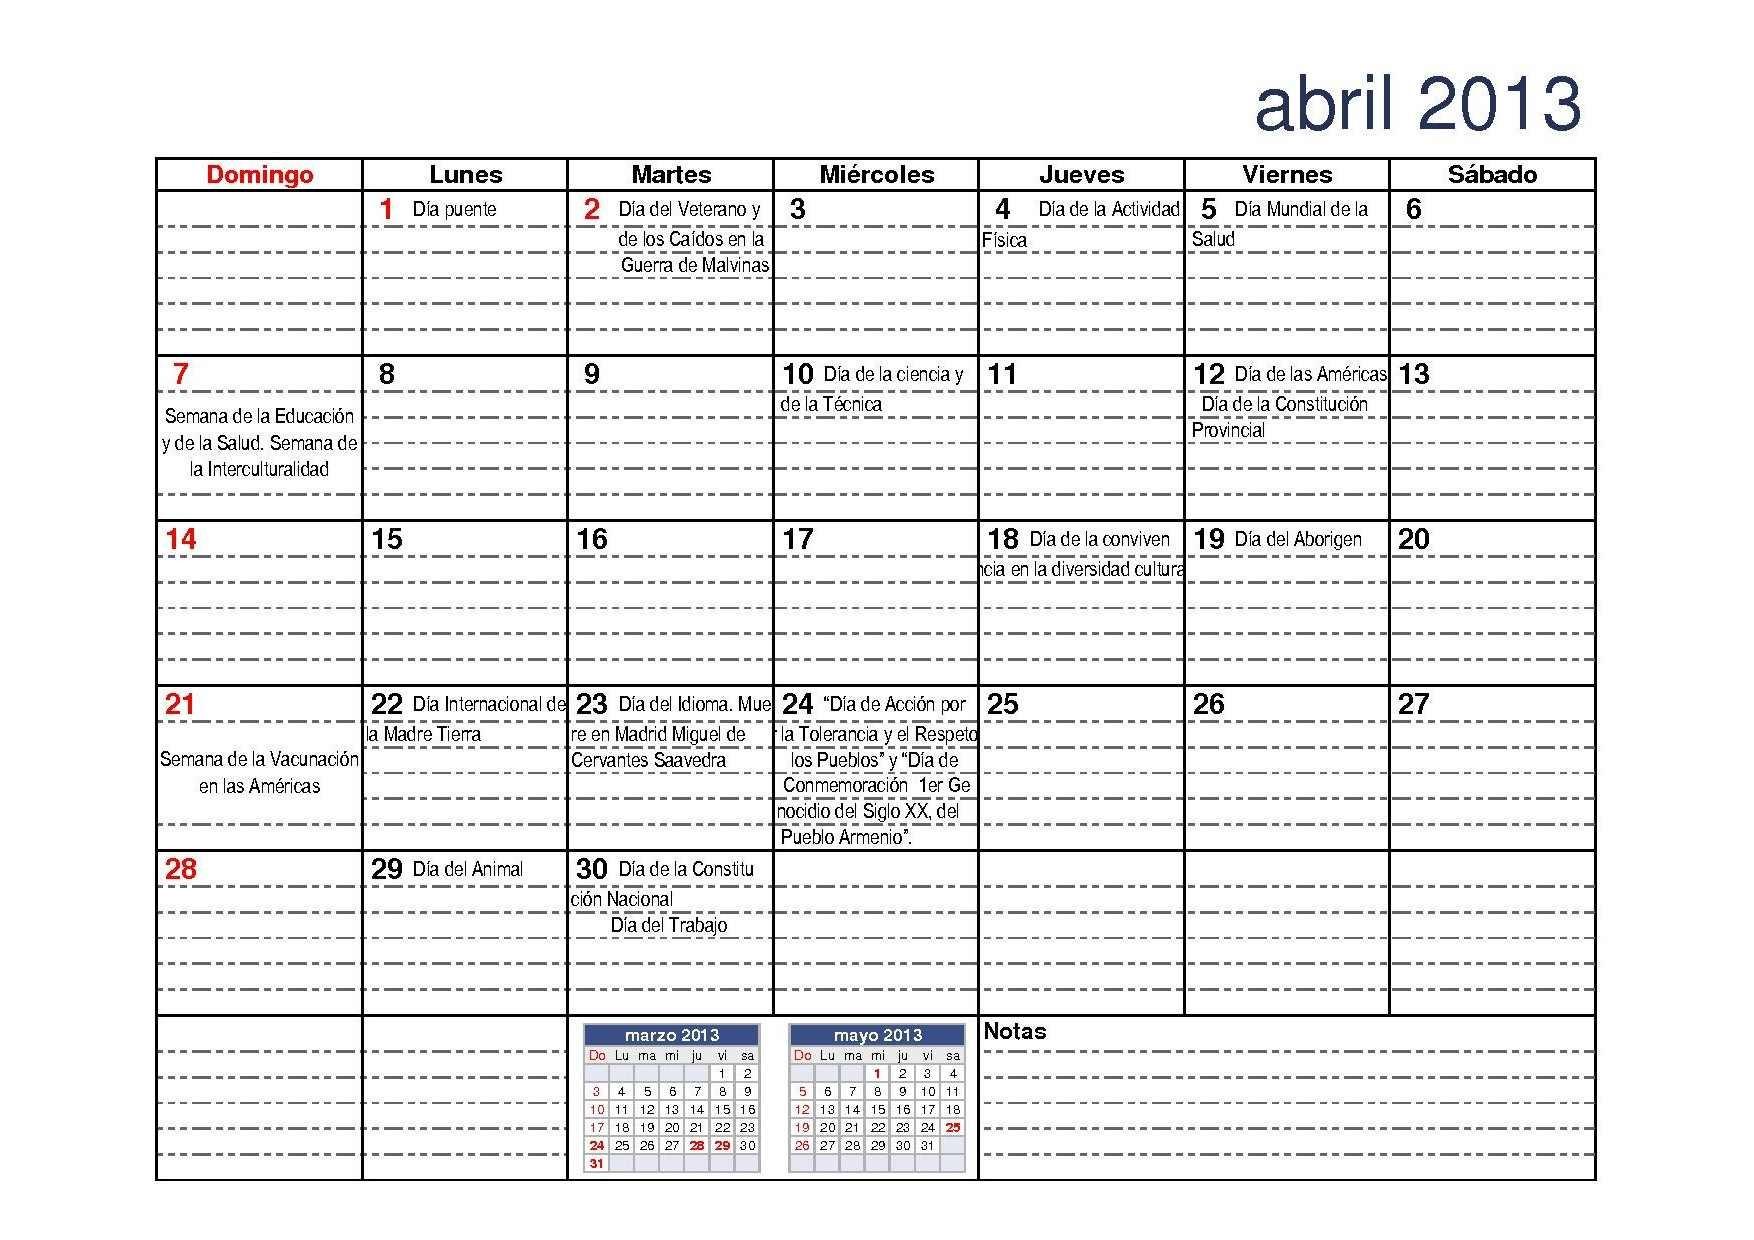 2013 marzo 31 PARA JEFATURAS REGIONALES Y DISTRITALES